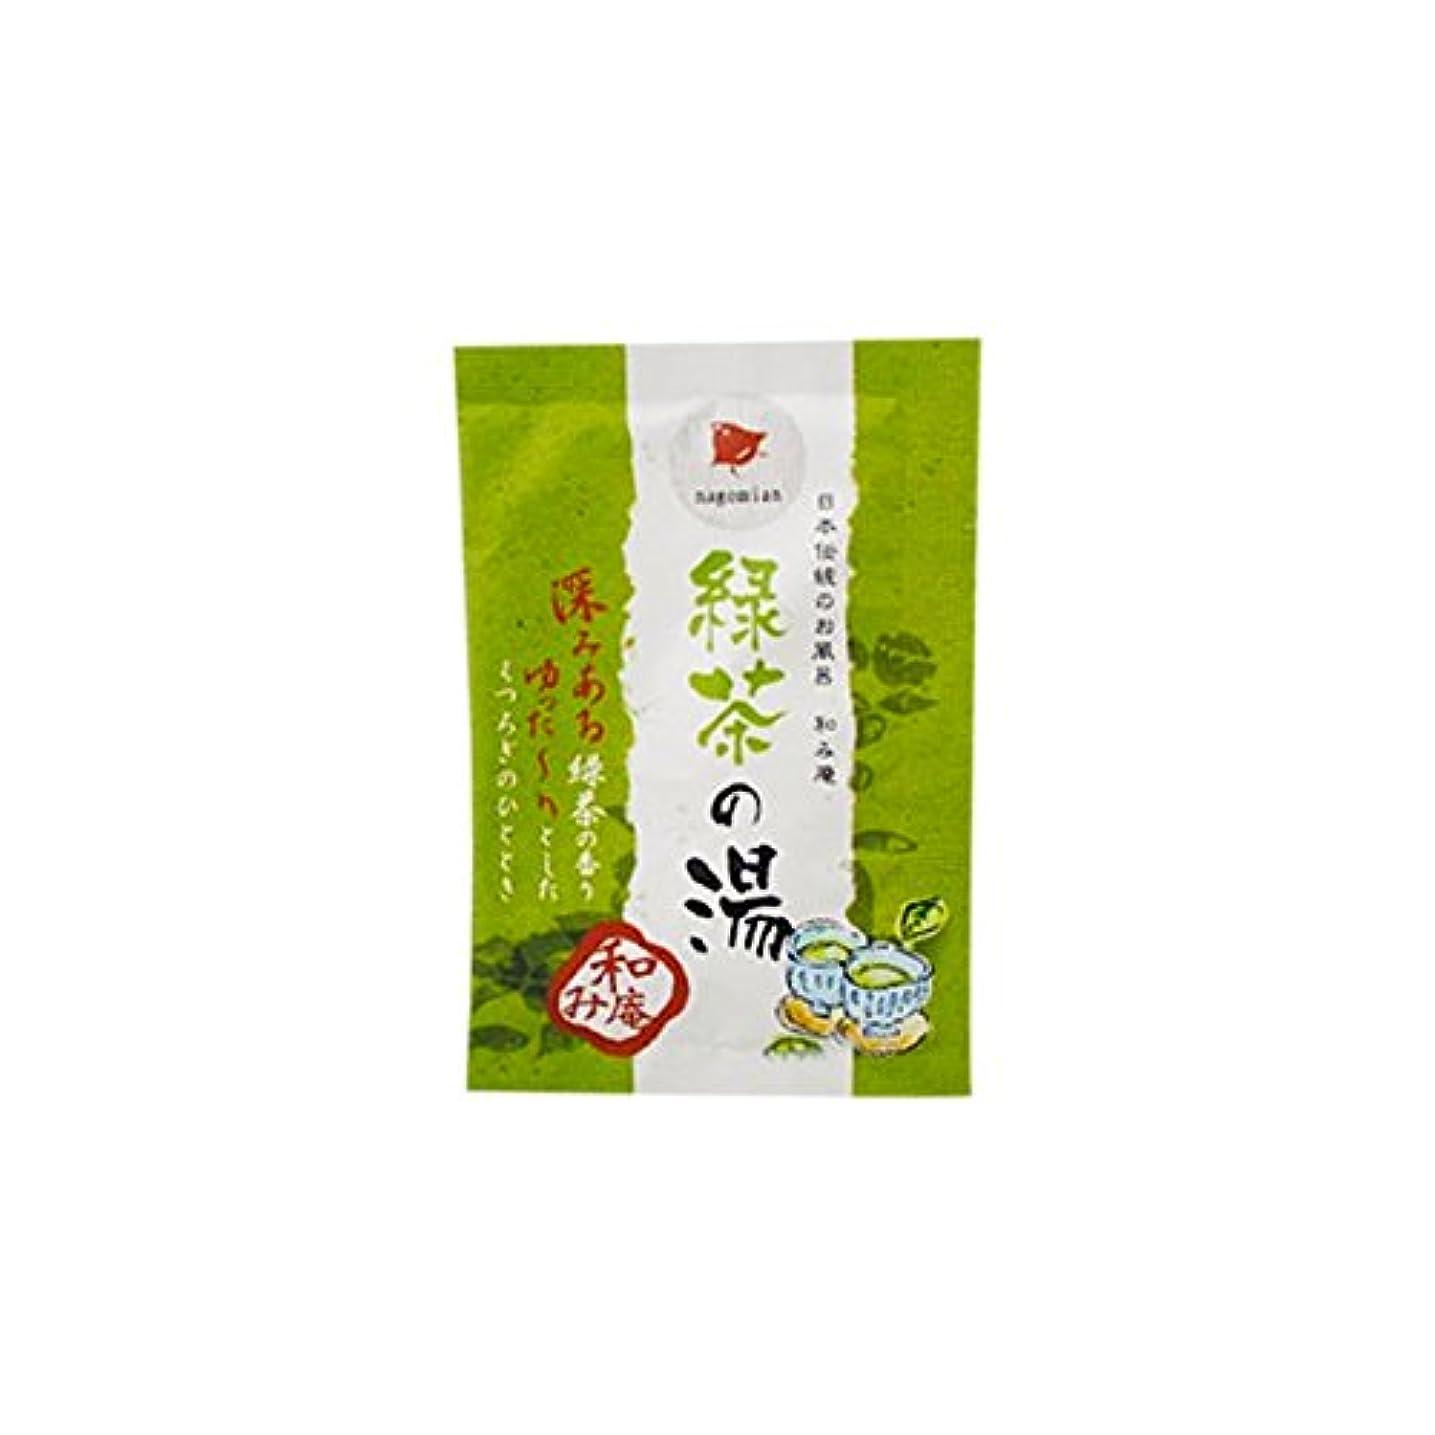 公ぴったり契約する和み庵 入浴剤 「緑茶の湯」30個